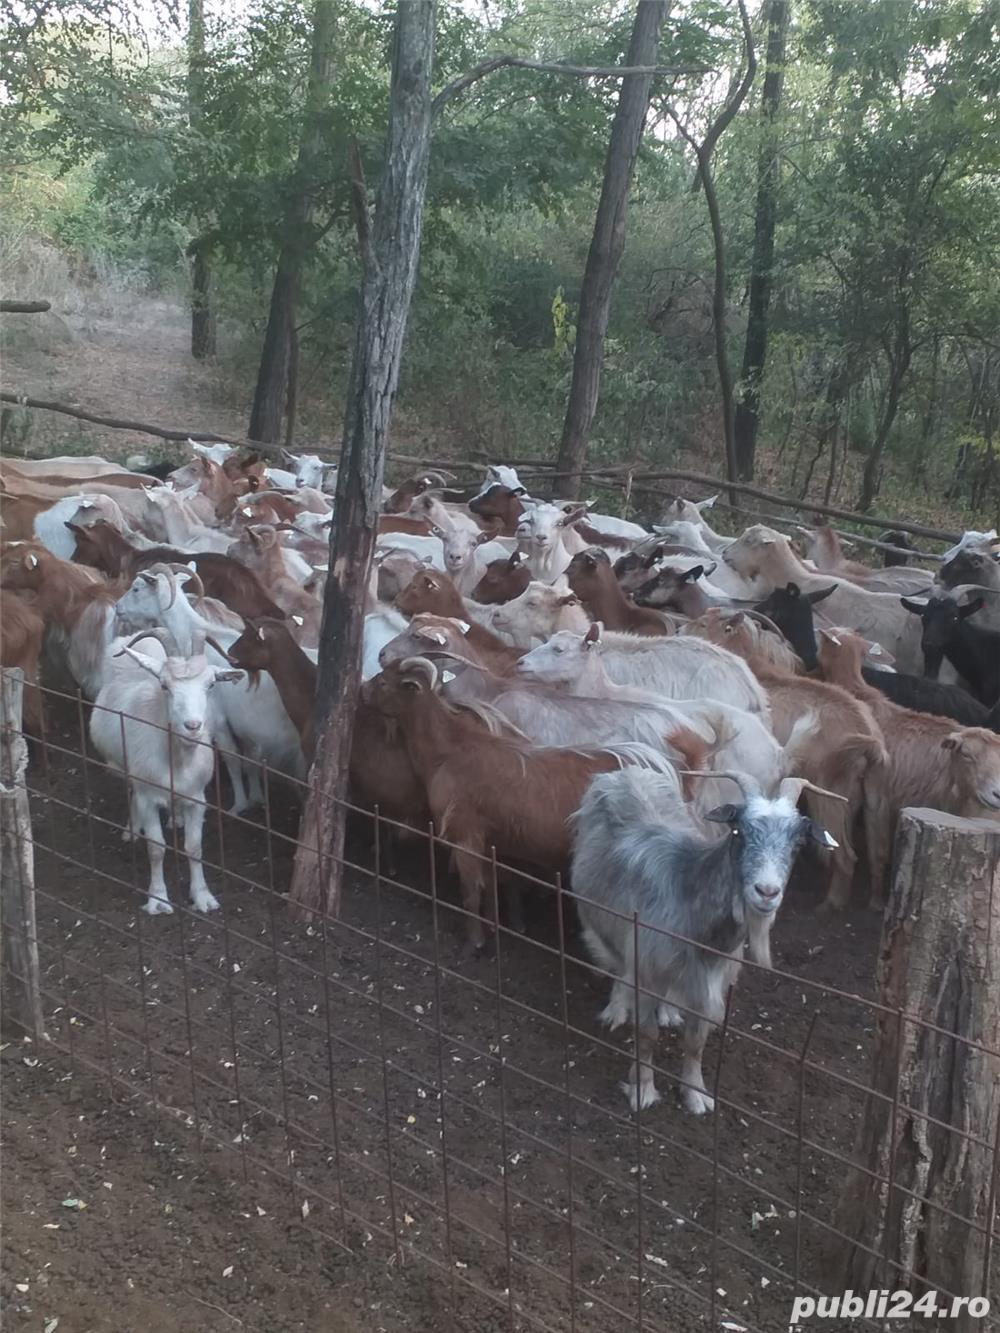 vand urgent 40 de capre si 3 tapi de rasa carpatina ( se vand toate impreuna)